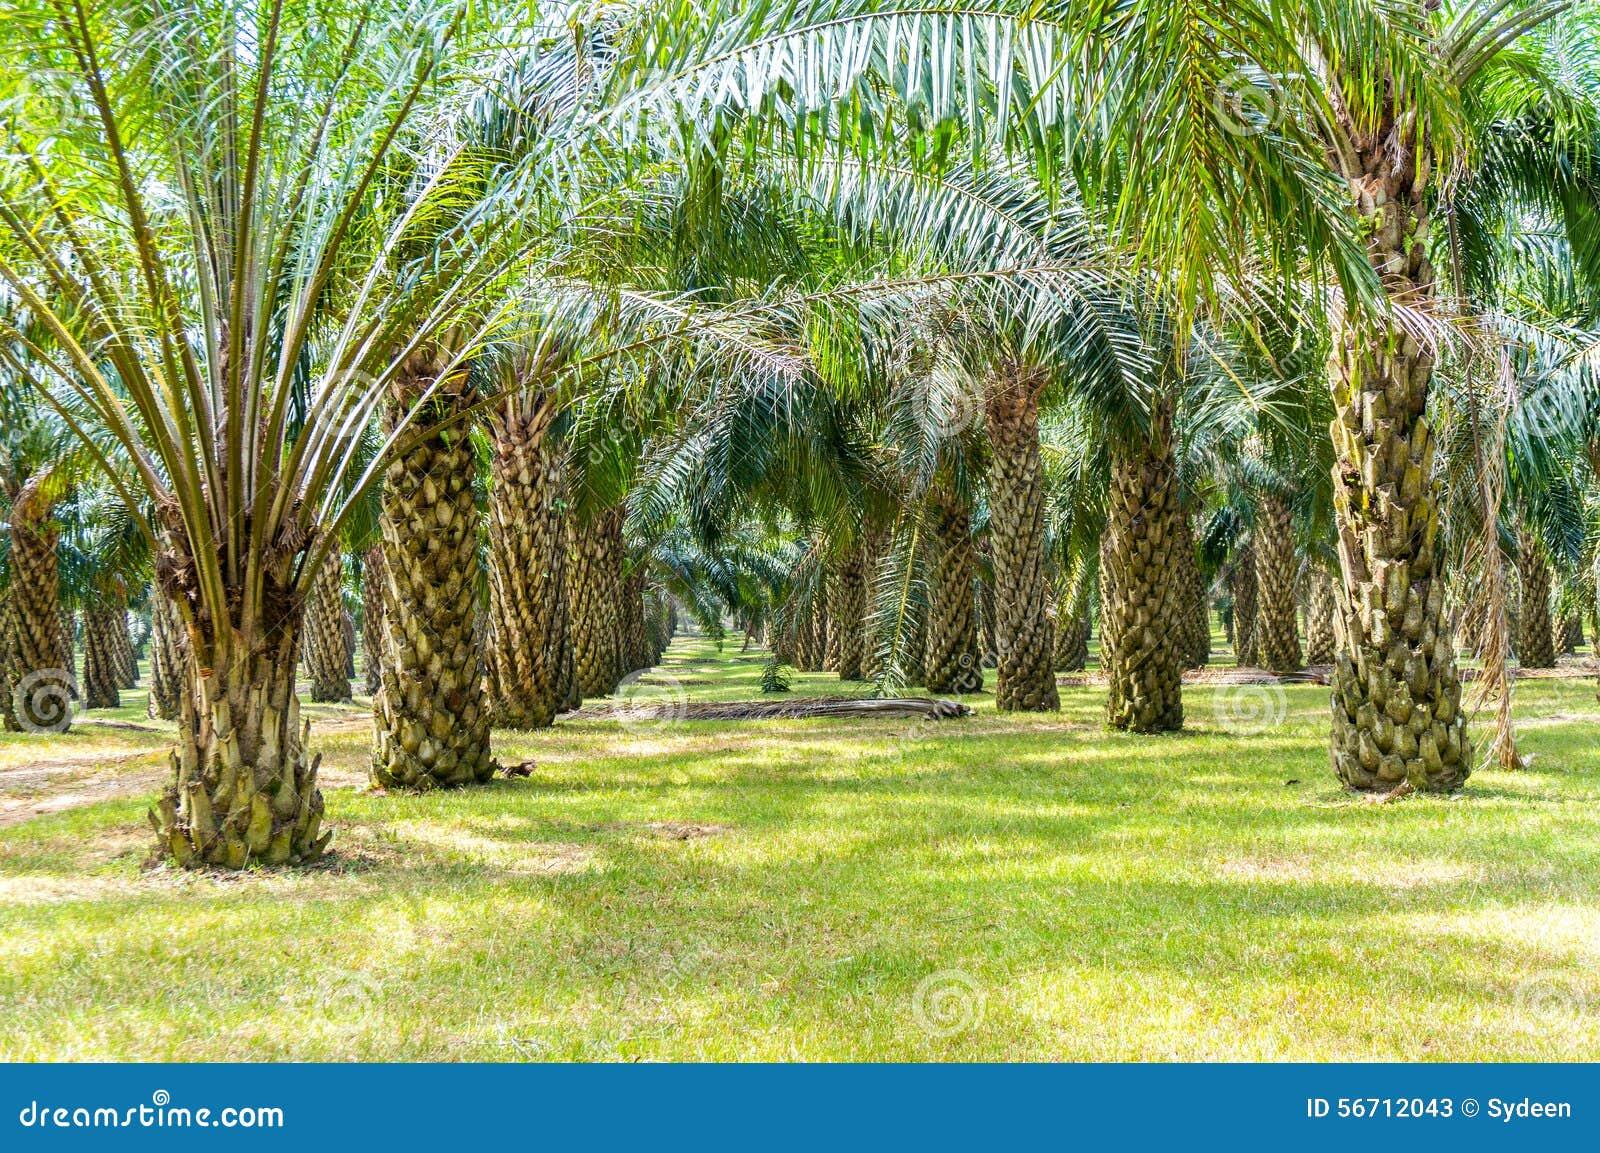 Arbre d 39 huile de palme image stock image du vert paume 56712043 - Huile arbre a the ...